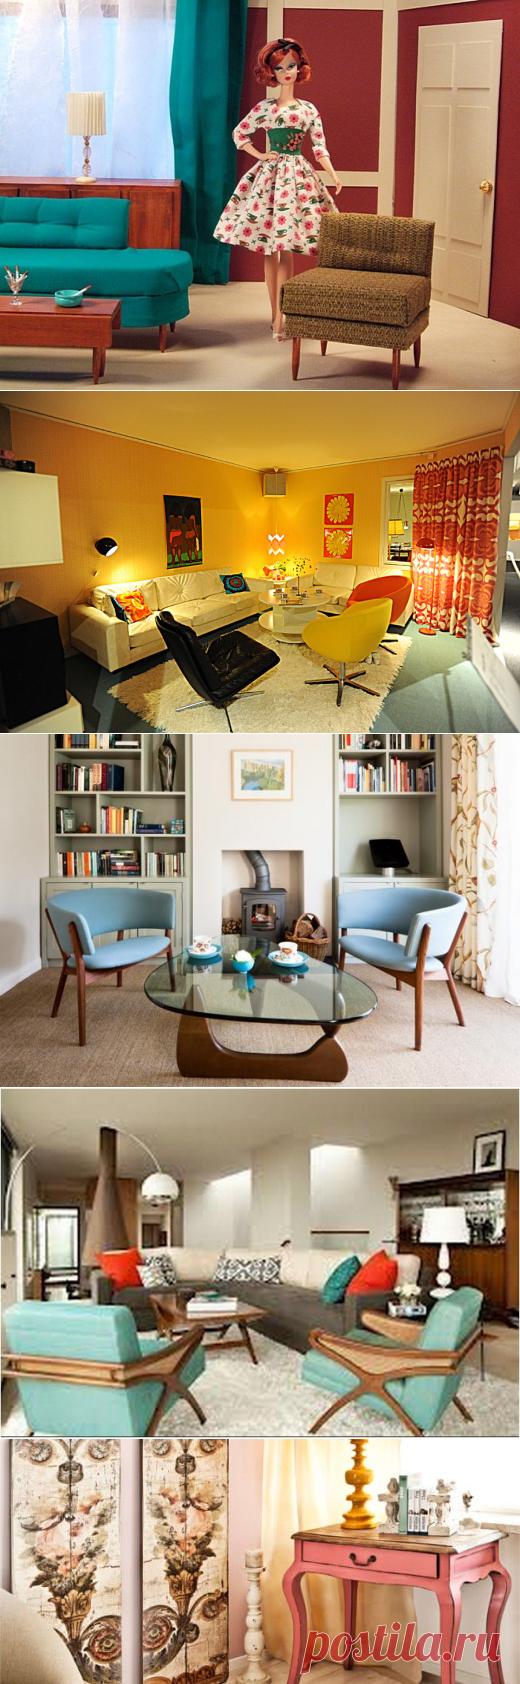 Стиль 60 х в интерьере: как подобрать аксессуары, мебель и палитру